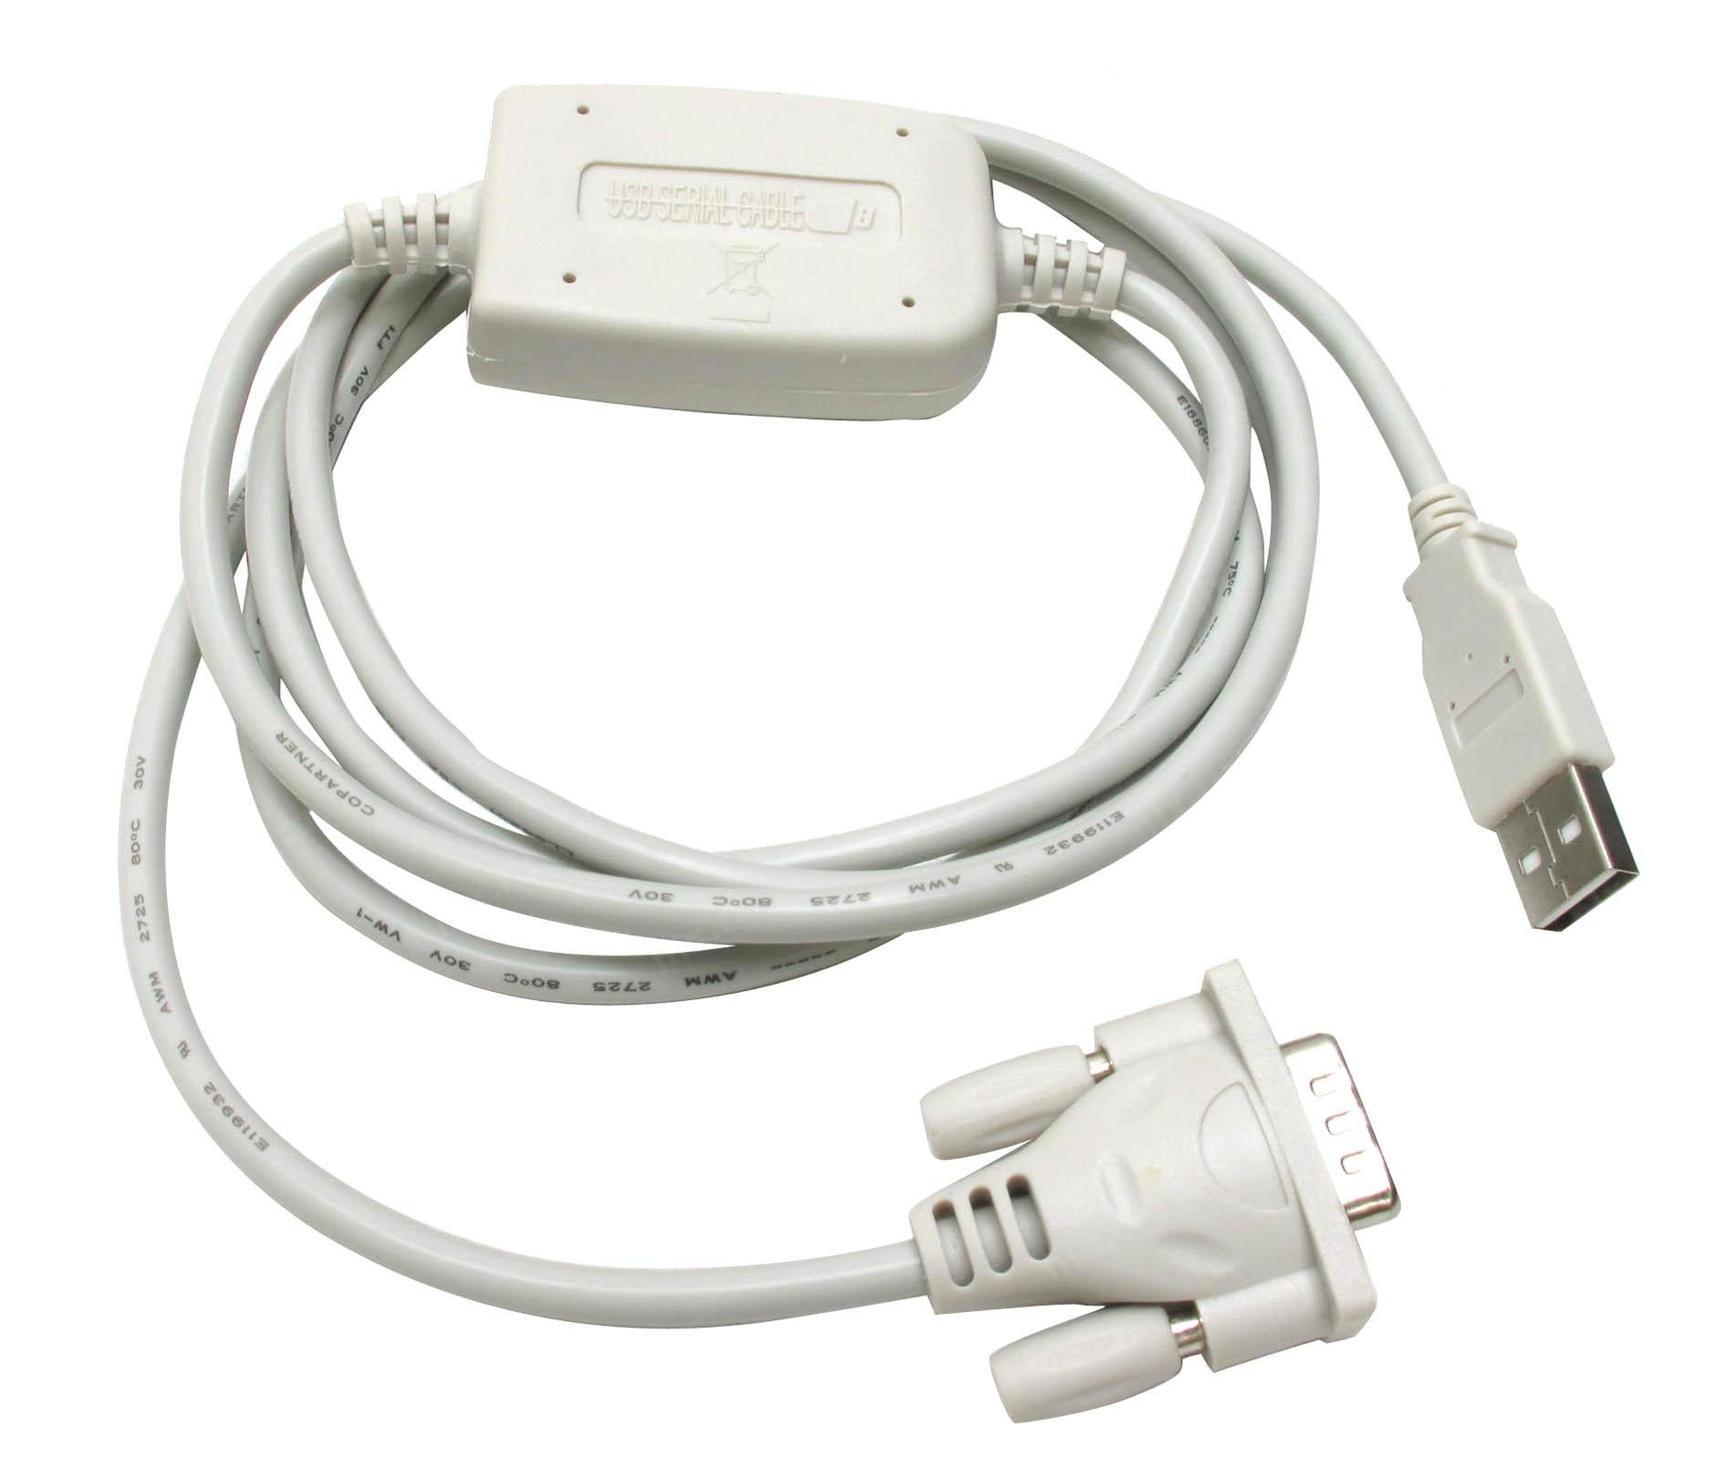 Скачать драйвера для usb serial cable defender